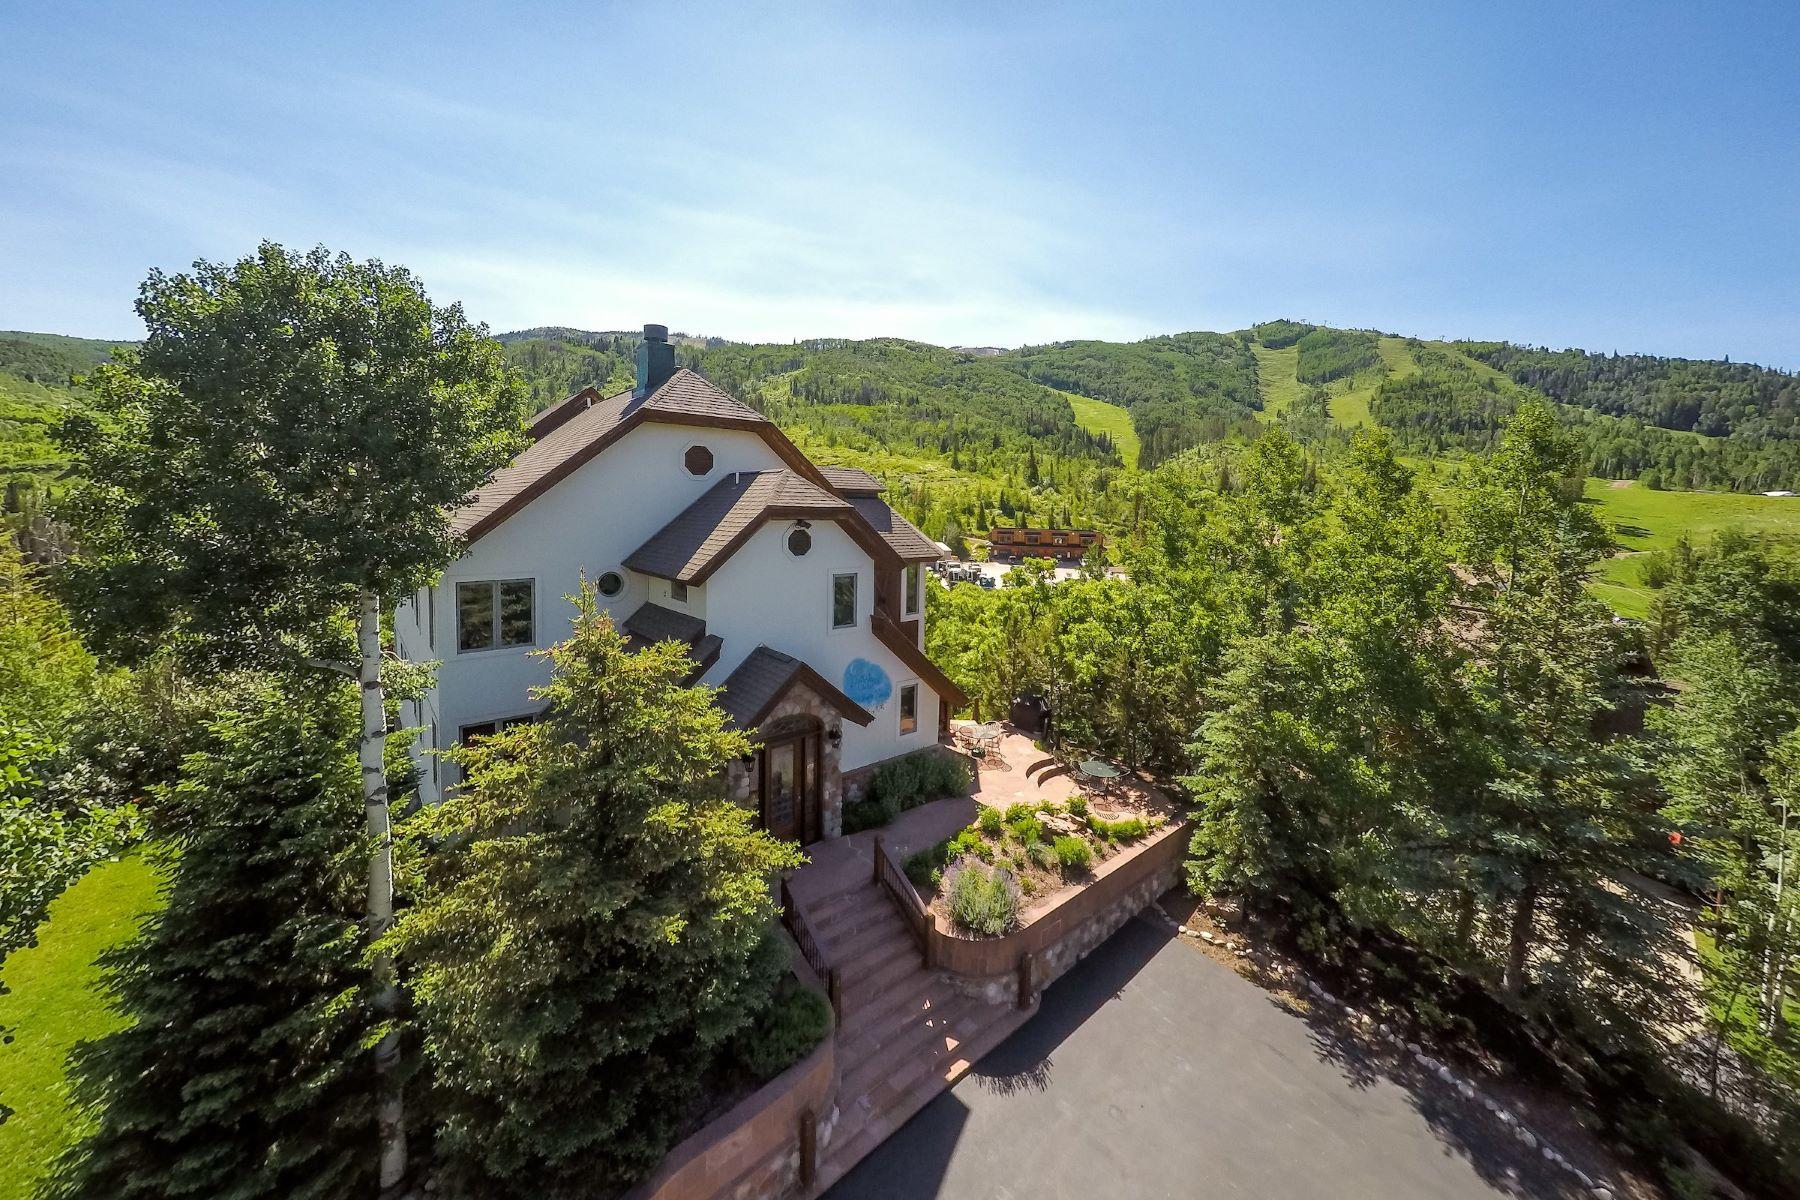 Maison unifamiliale pour l Vente à Edelweiss Chalet 3040 Temple Knoll Steamboat Springs, Colorado, 80487 États-Unis